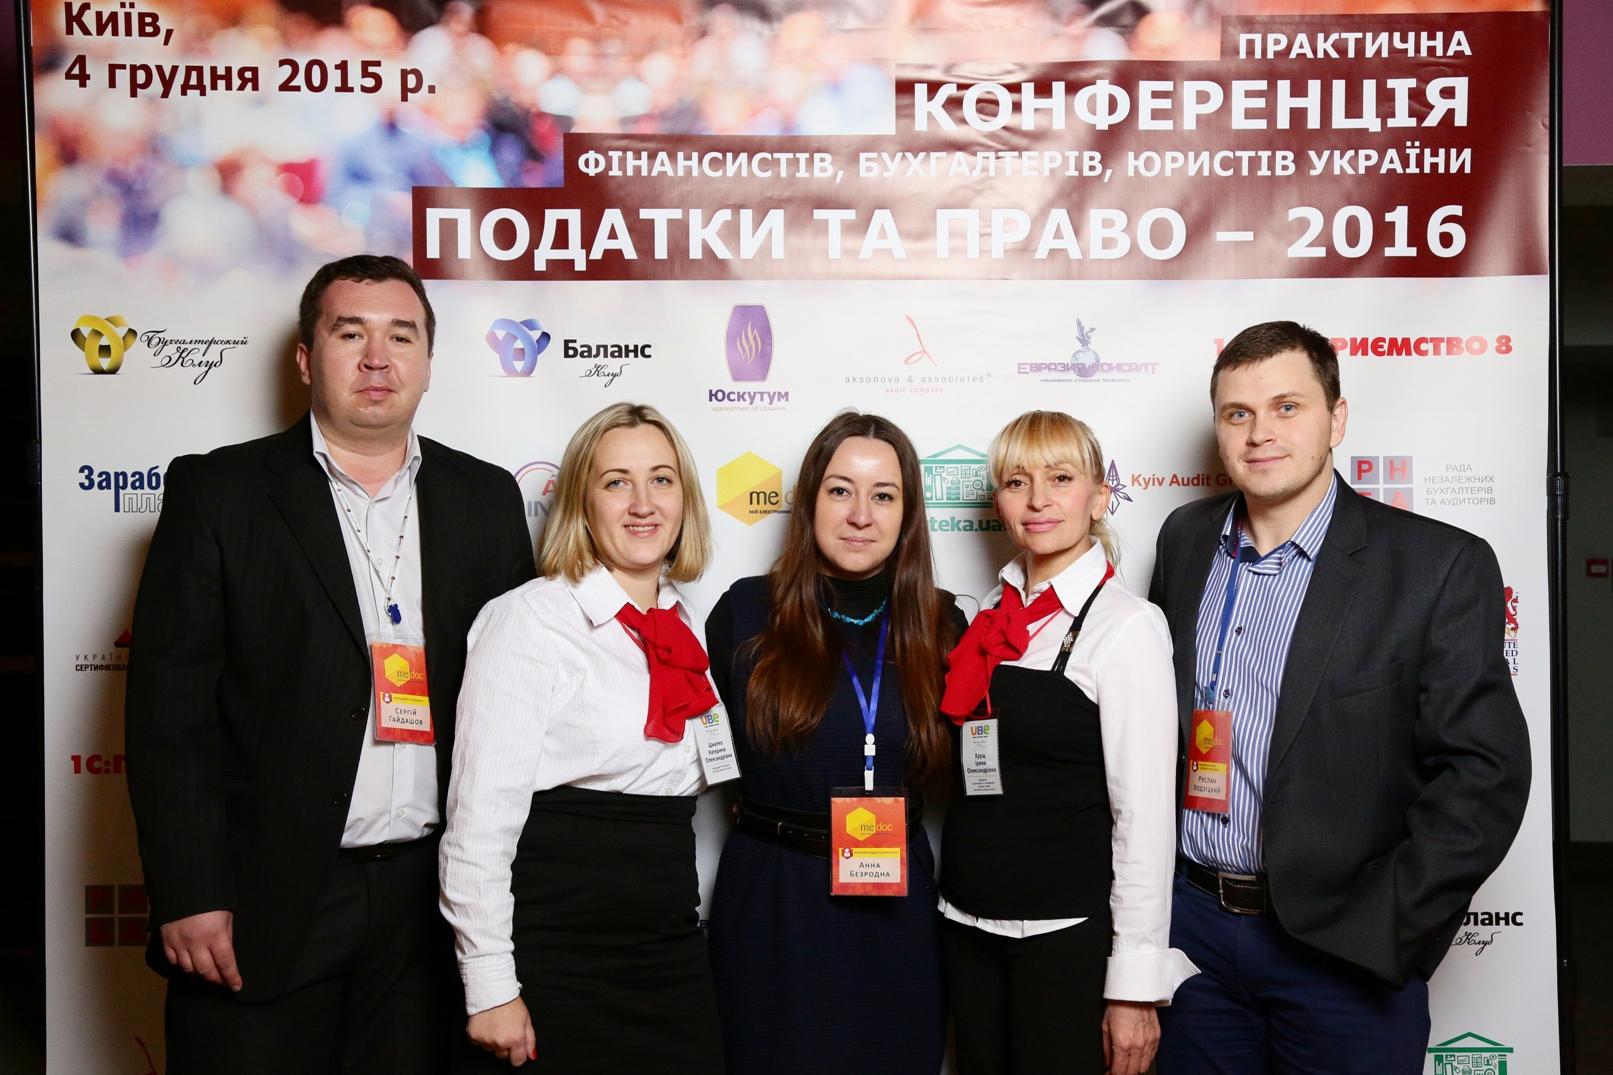 Конференція Податки та право -2016_ 00248